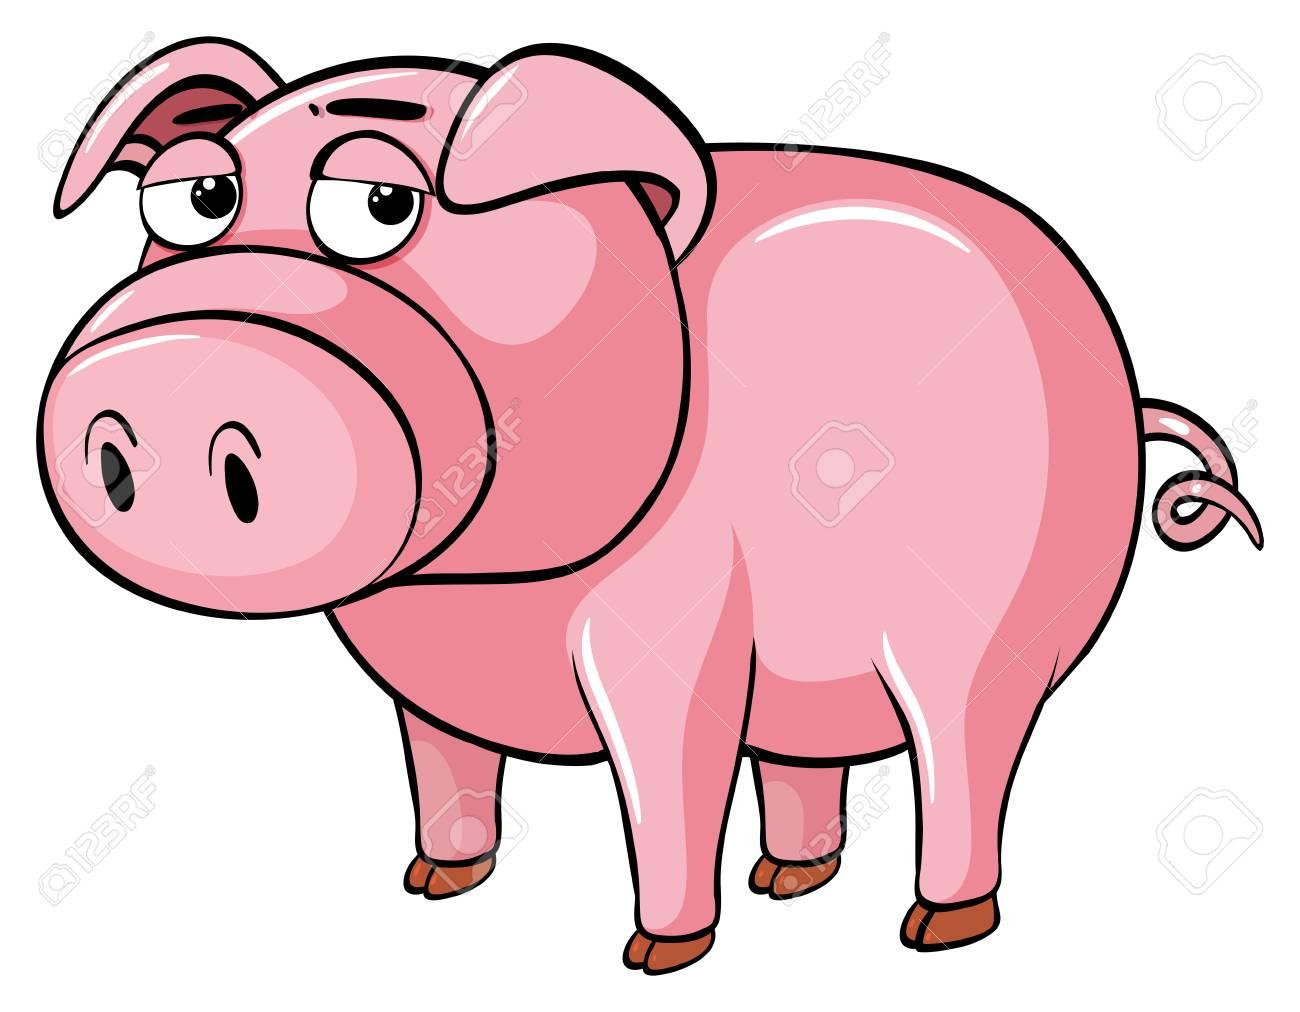 豚の眠そうな目のイラストのイラスト素材ベクタ Image 82682005